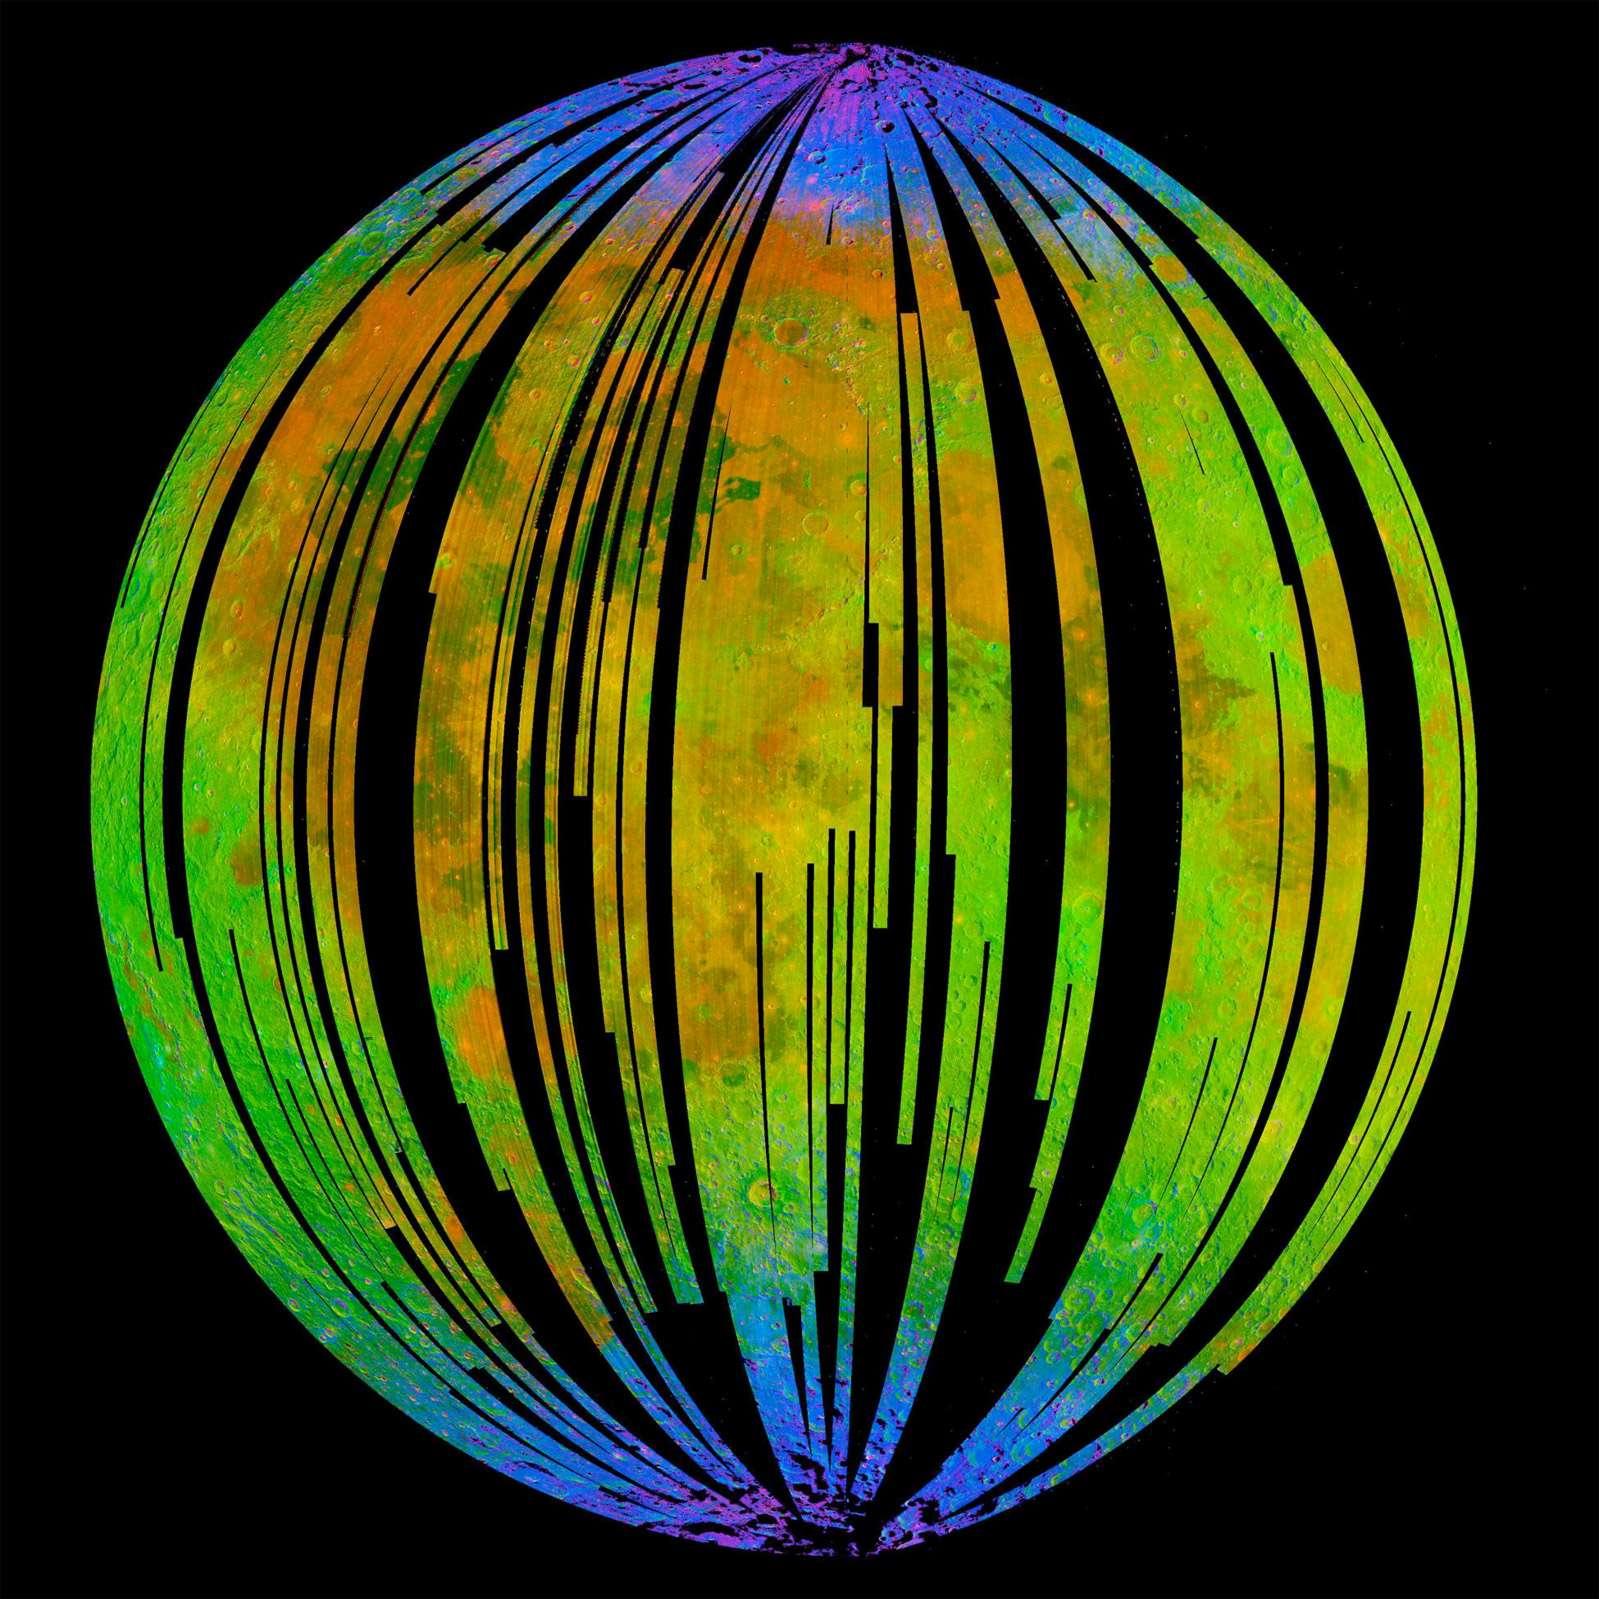 Carte de la distribution des molécules d'eau et des radicaux hydroxyle OH° (bleu) tracée à partir des données fournies par l'instrument de la NASA Moon Mineralogy Mapper embarqué sur la sonde de l'ISRO Chandrayaan-1. Crédit ISRO/NASA/JPL-Caltech/Brown Univ./USGS